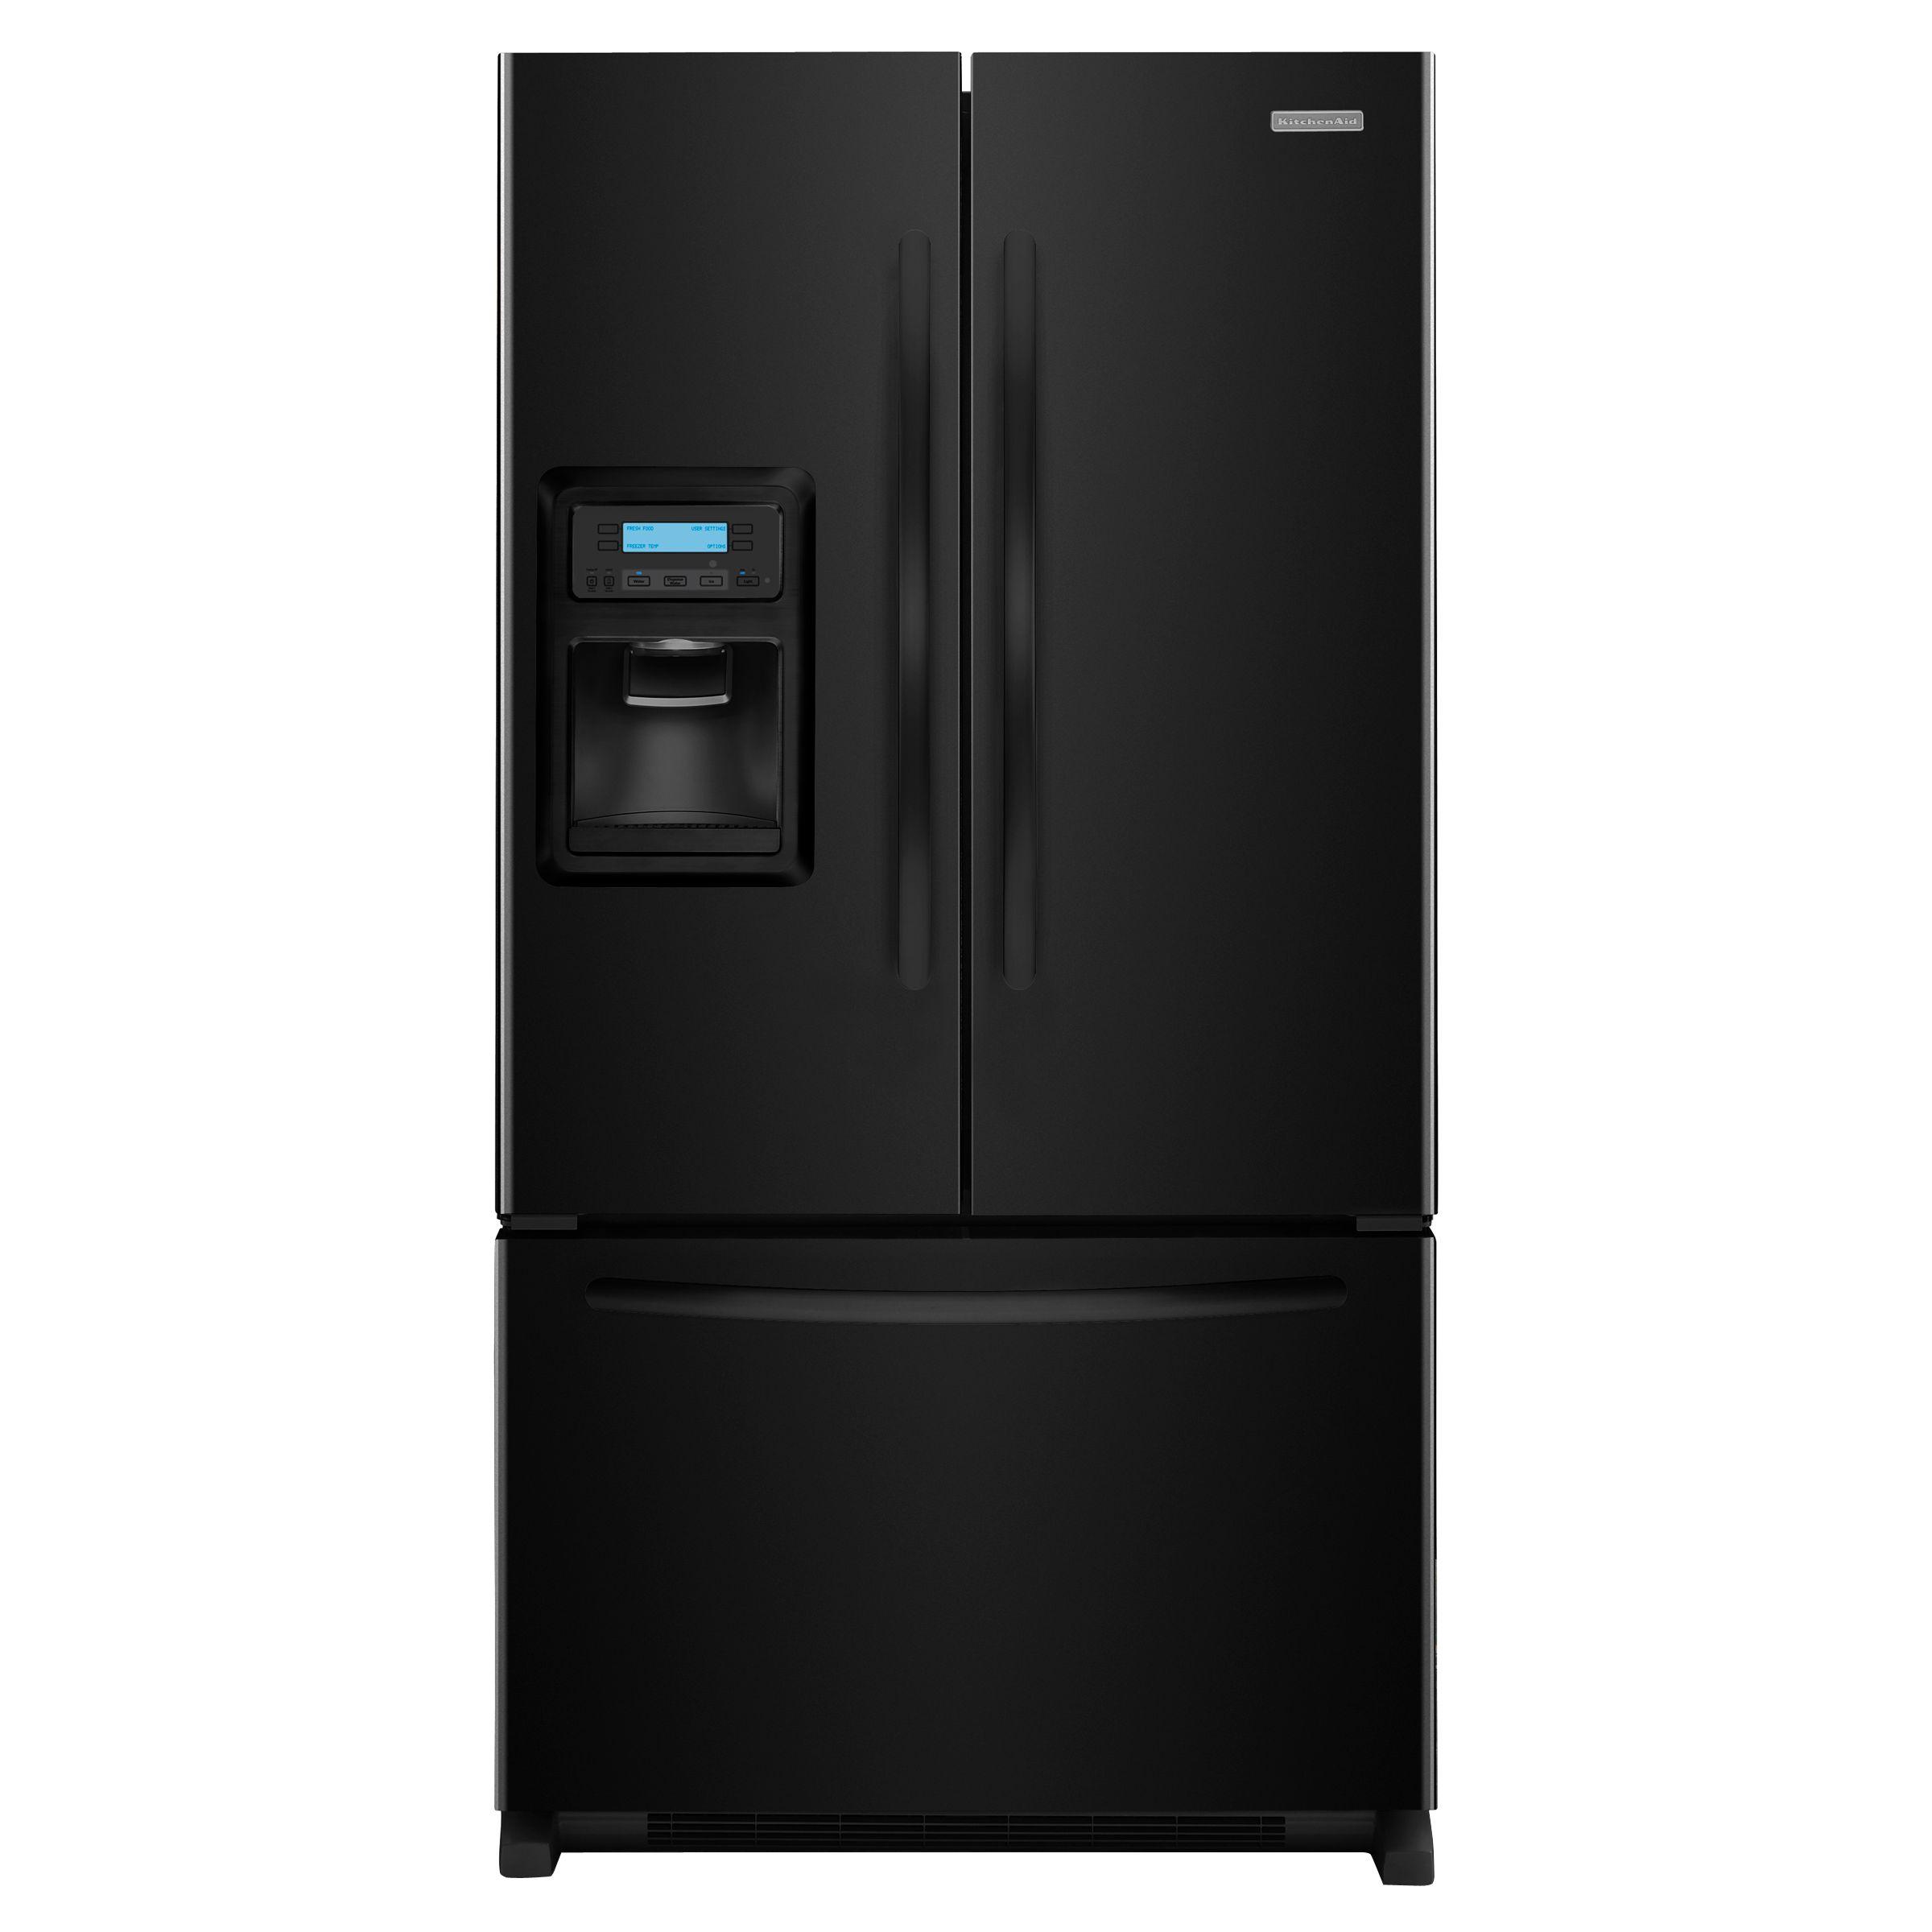 19.7 cu. Ft. Series II French Door Refrigerator